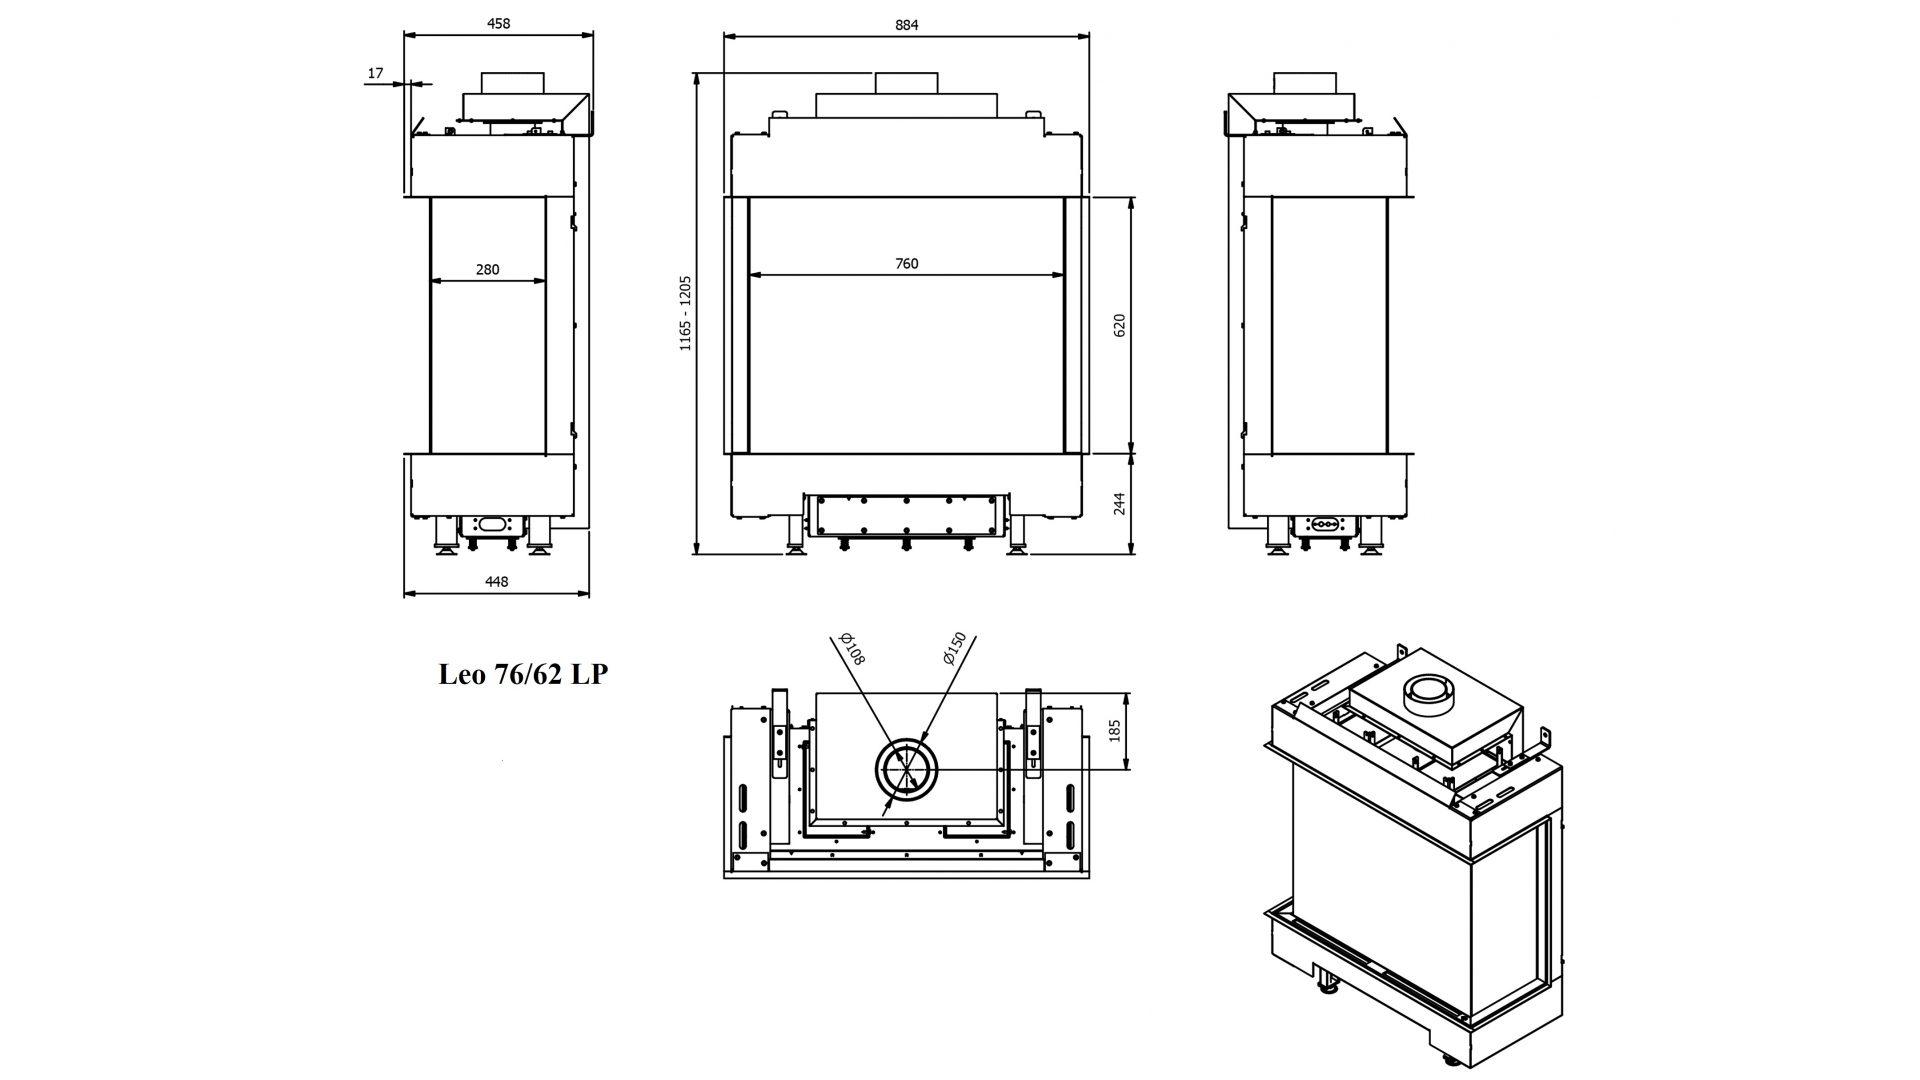 Wkład kominkowy Leo 76-62 LP - folder